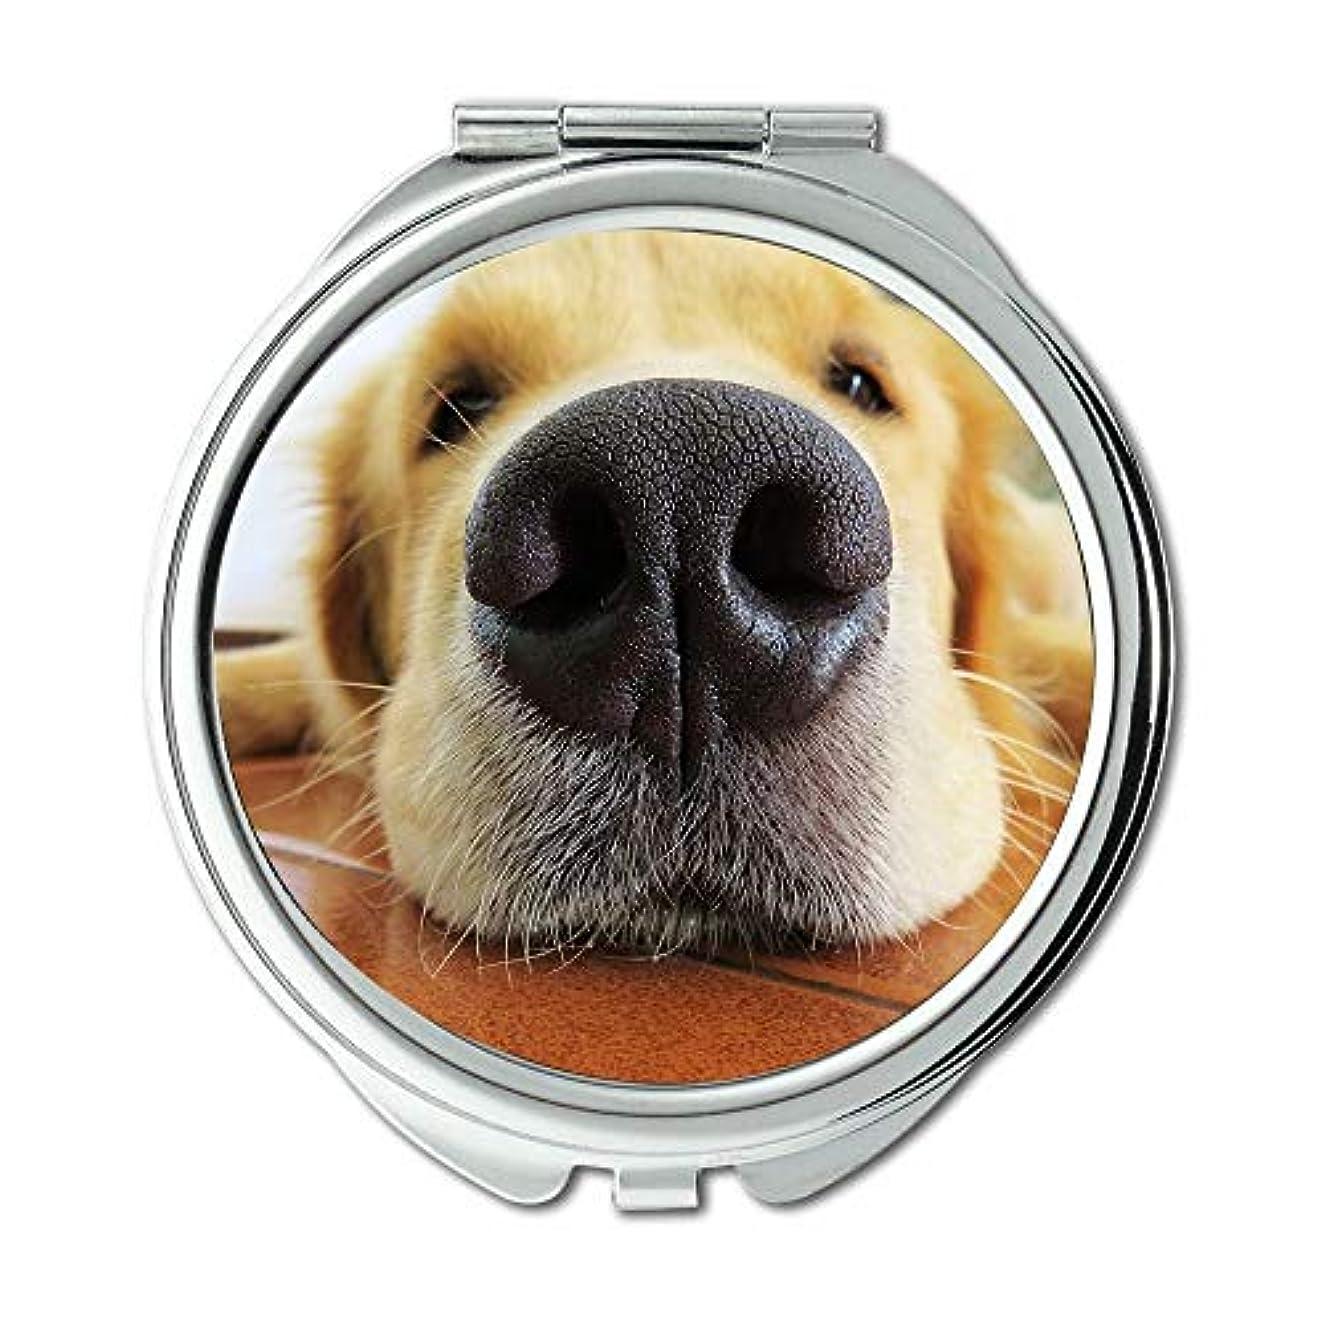 回る業界倫理的ミラー、メイクアップミラー、FuçaMuzzle Dogゴールデンレトリバー動物レースノーズ、ゲームマウスマット、ポケットミラー、携帯用ミラー